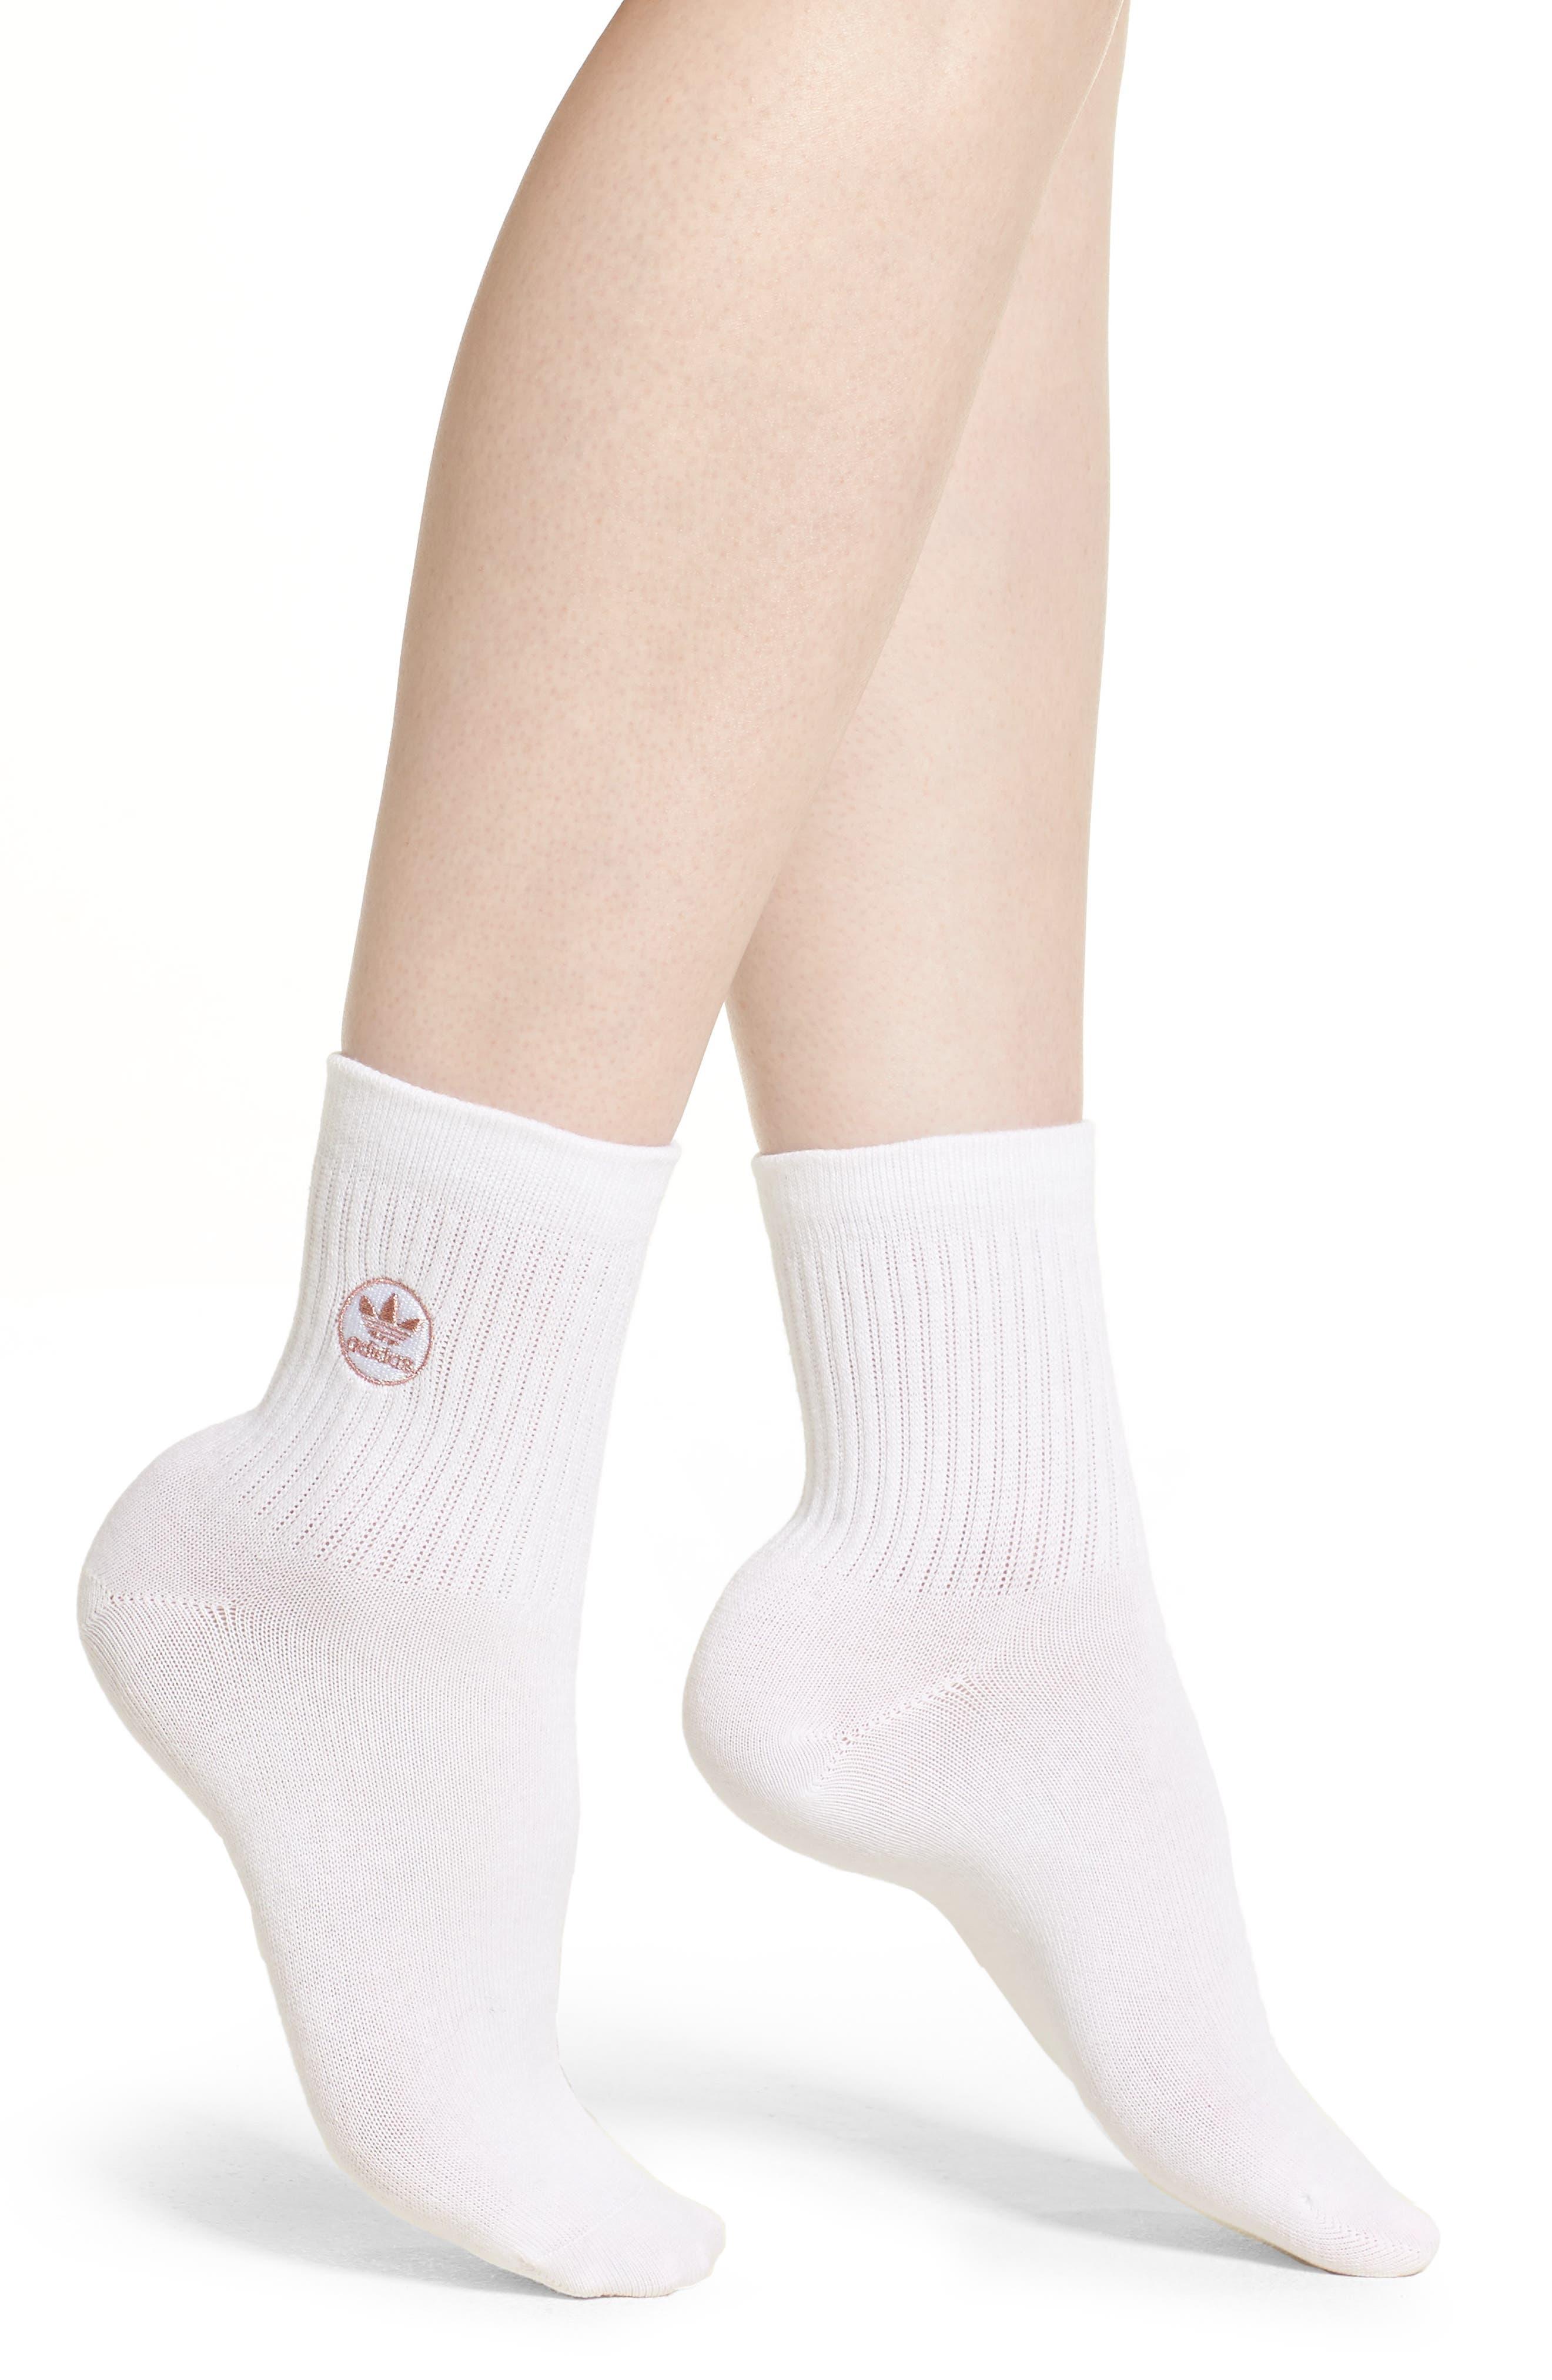 Quarter Crew Socks,                         Main,                         color, WHITE/ ROSE GOLD